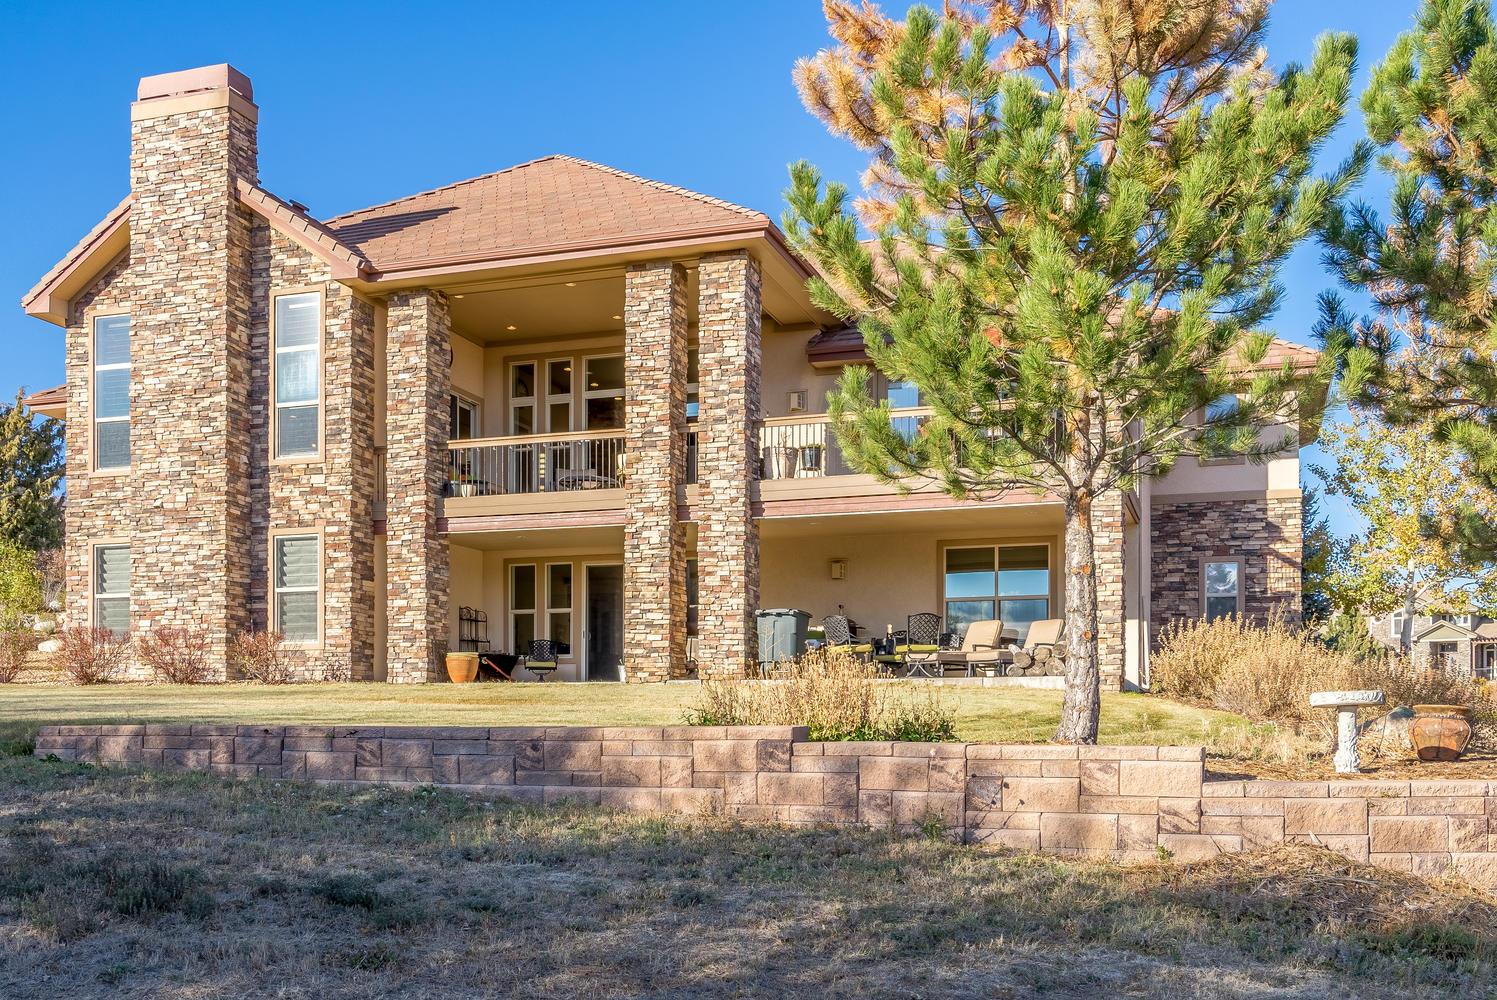 Maison unifamiliale pour l Vente à Very private custom ranch walkout on 1.4 acres at the back of a quiet cul-de-sac 4900 Wilderness Pl Parker, Colorado, 80134 États-Unis